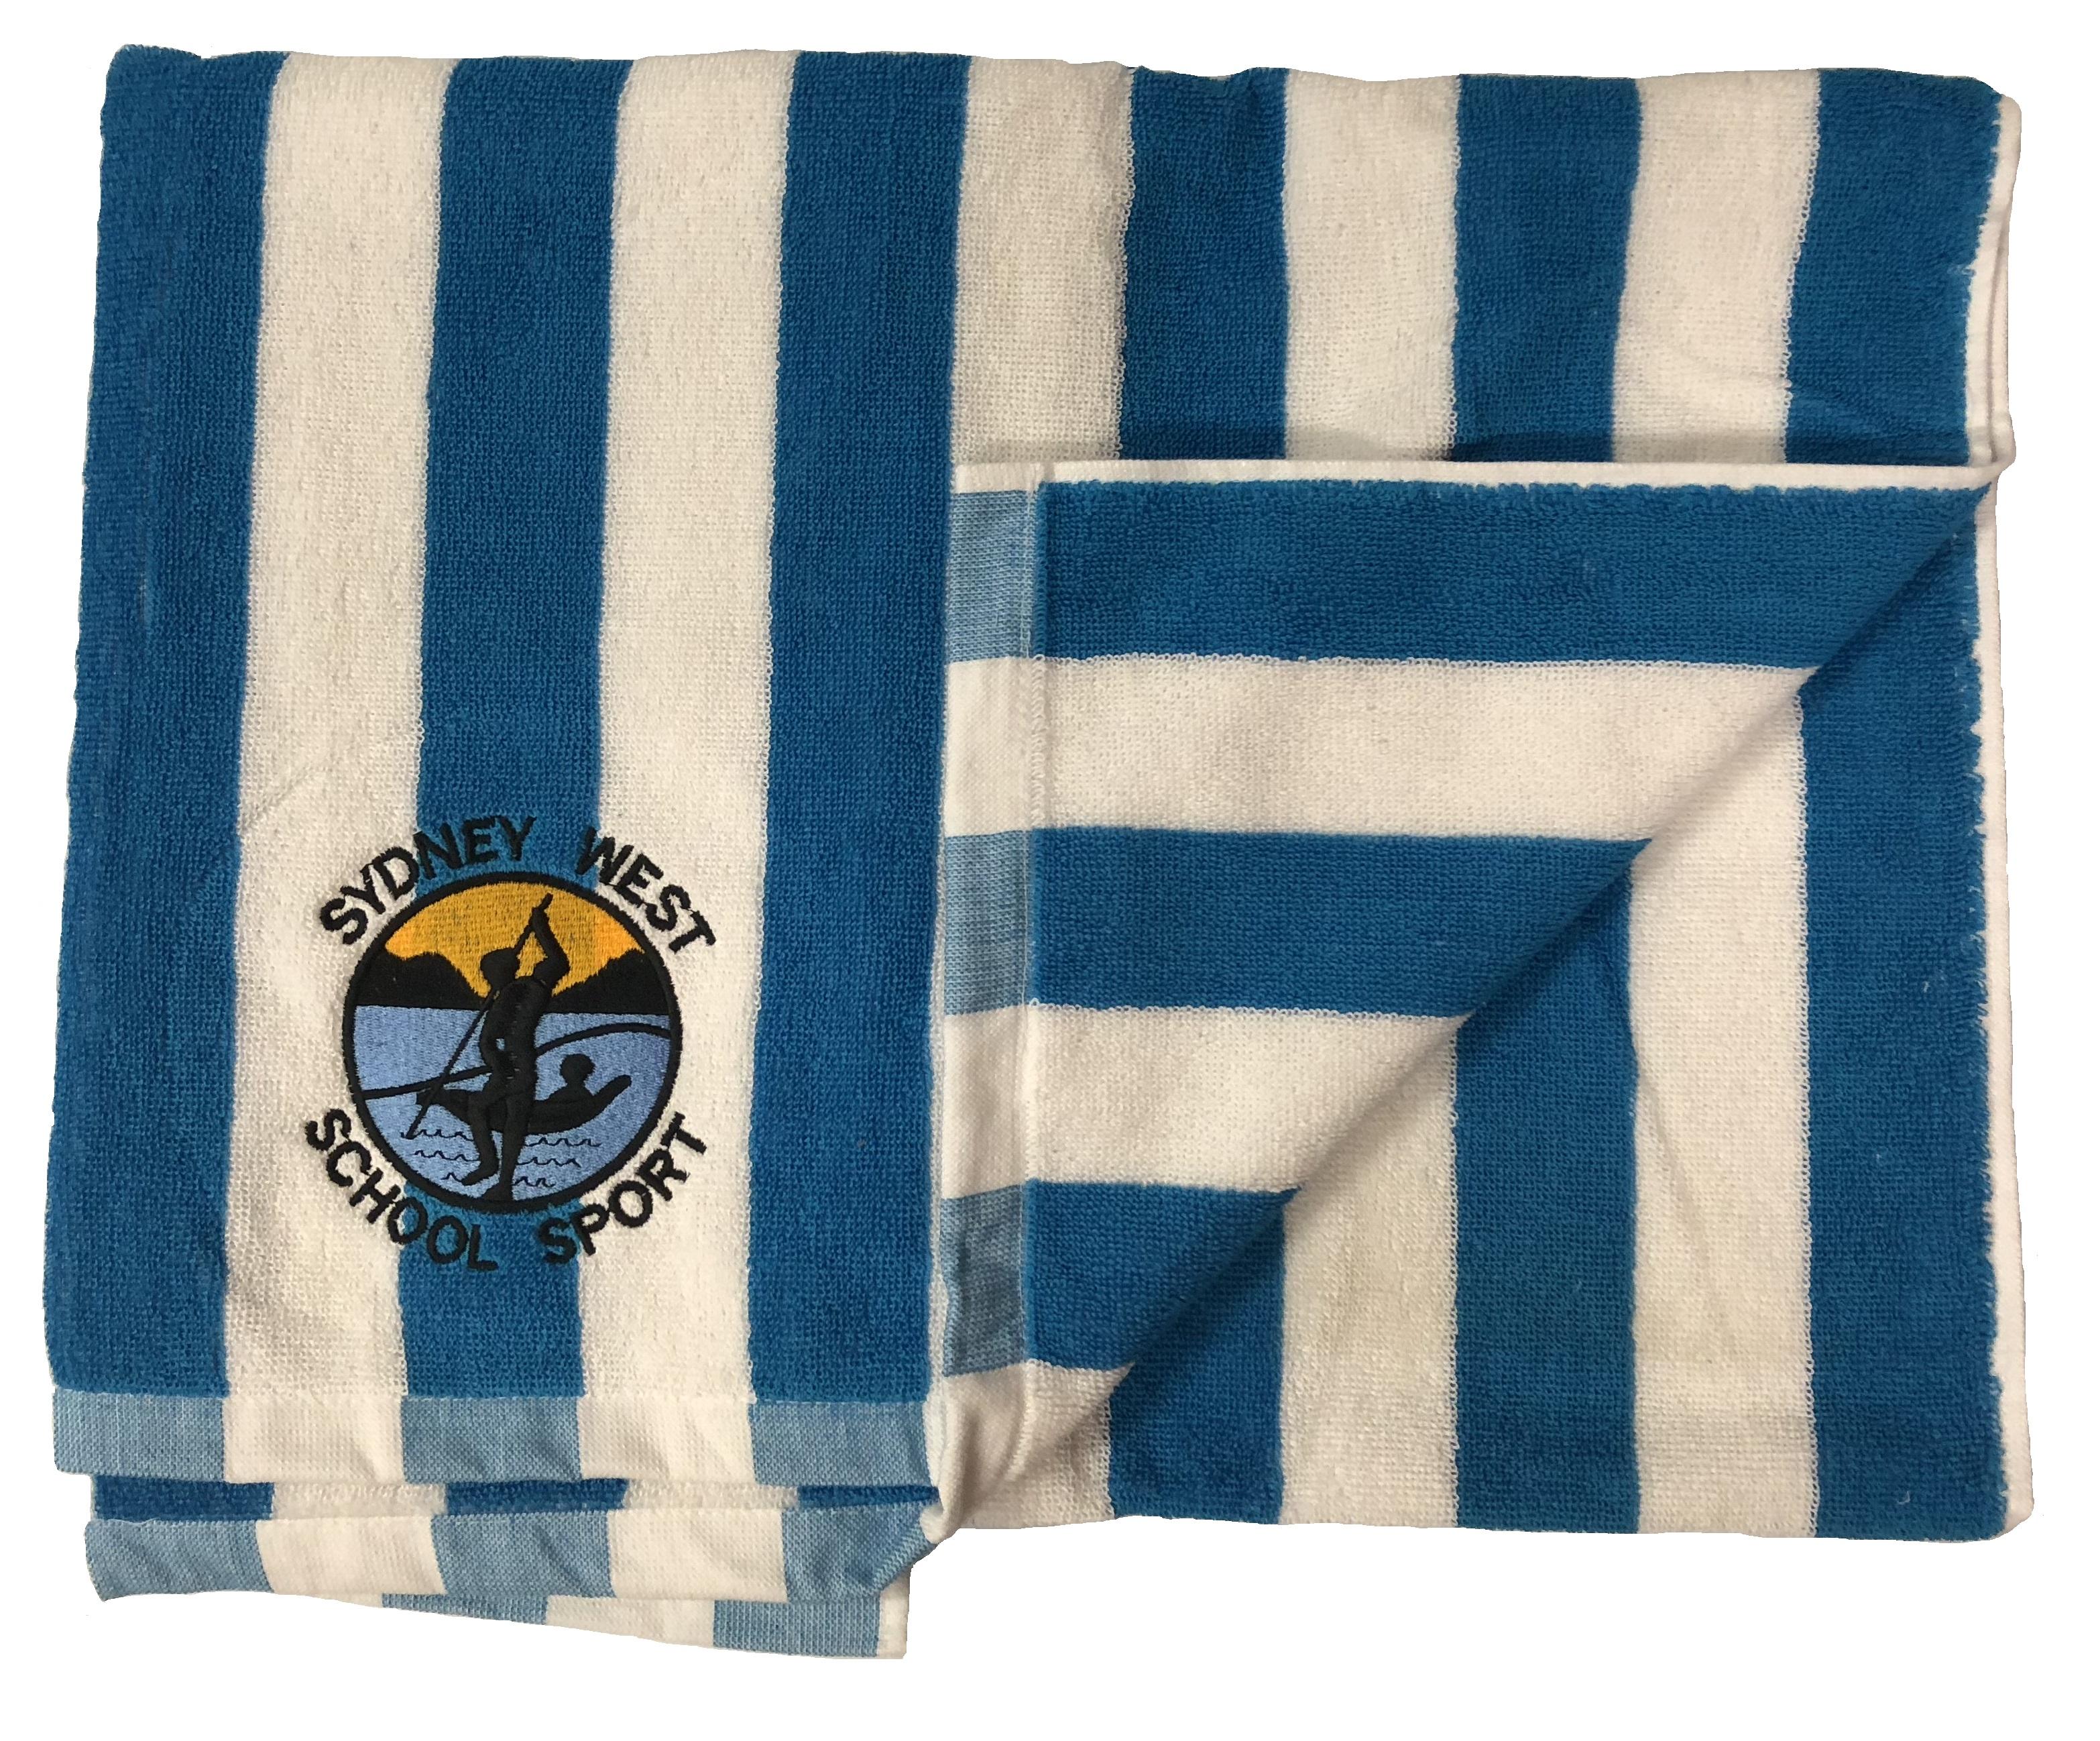 SW Towel